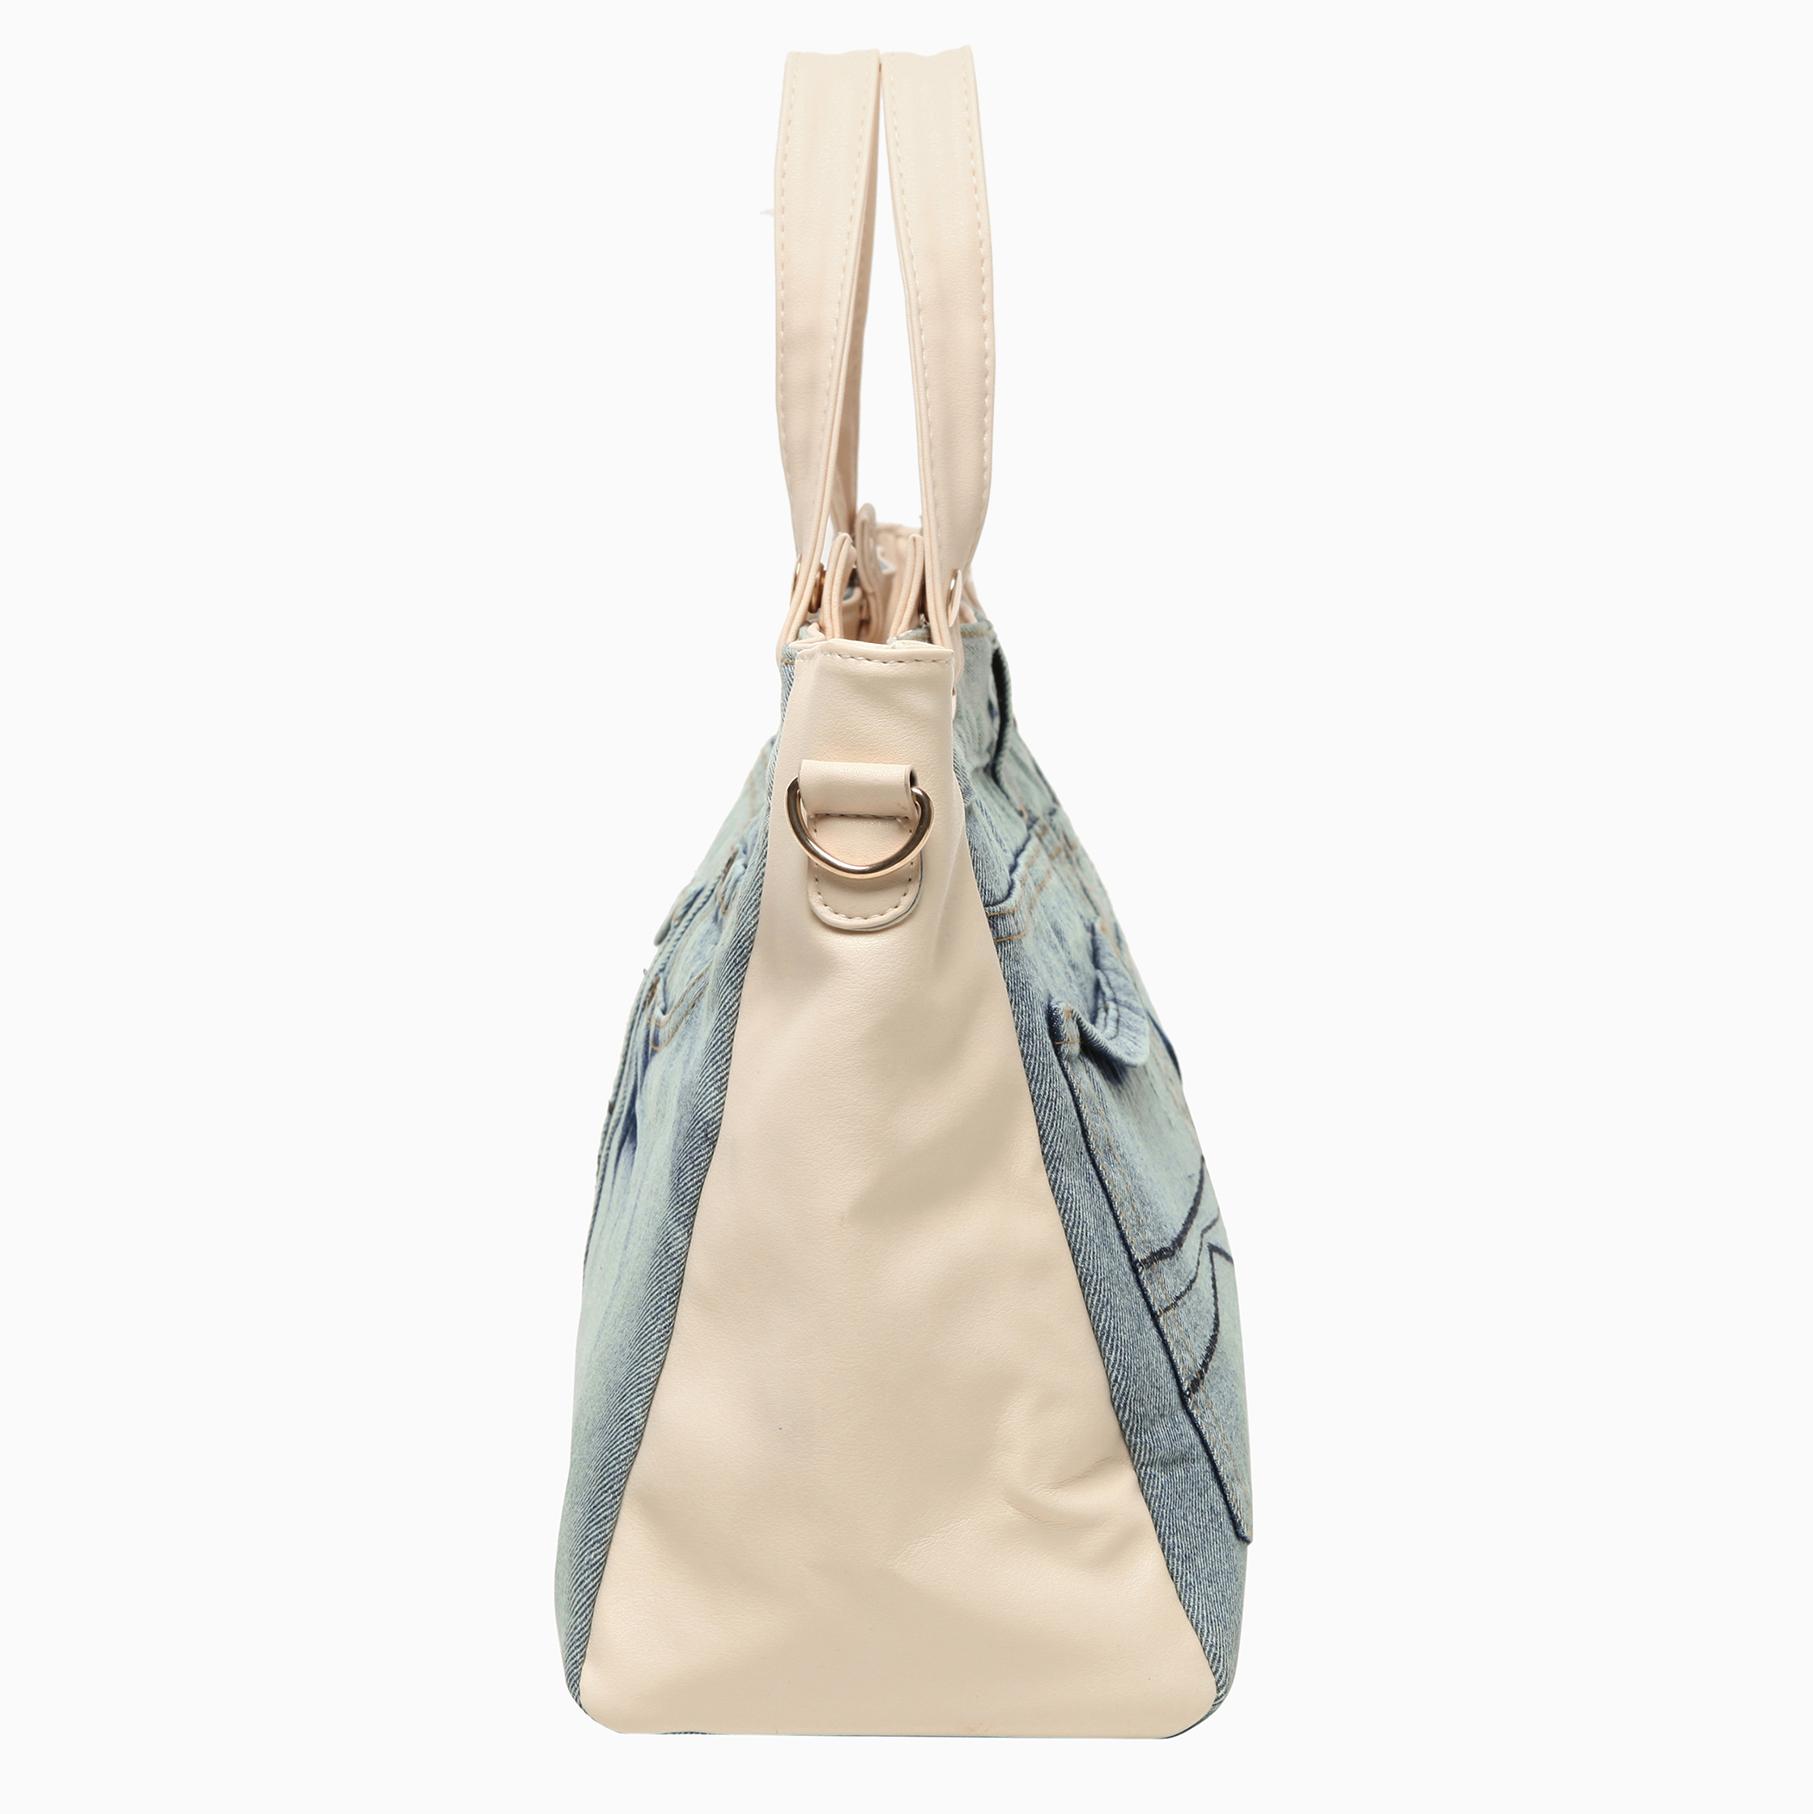 ASTA Beige & Blue Denim Jeans Handbag side